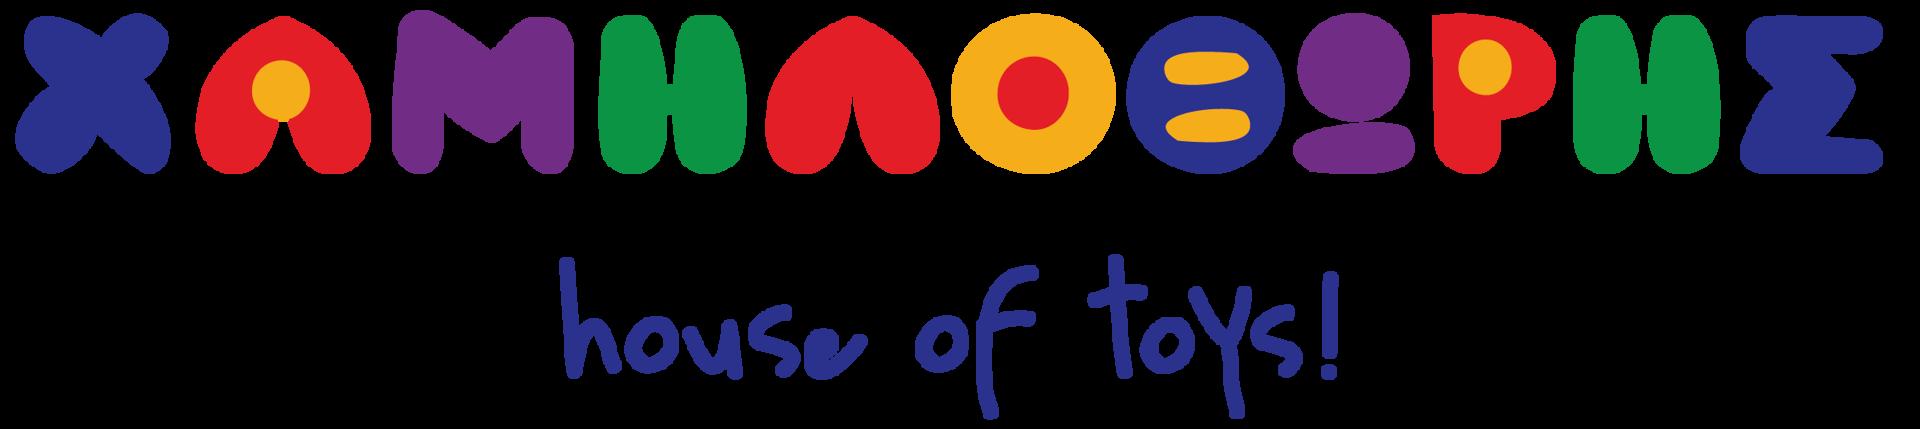 HouseofToys